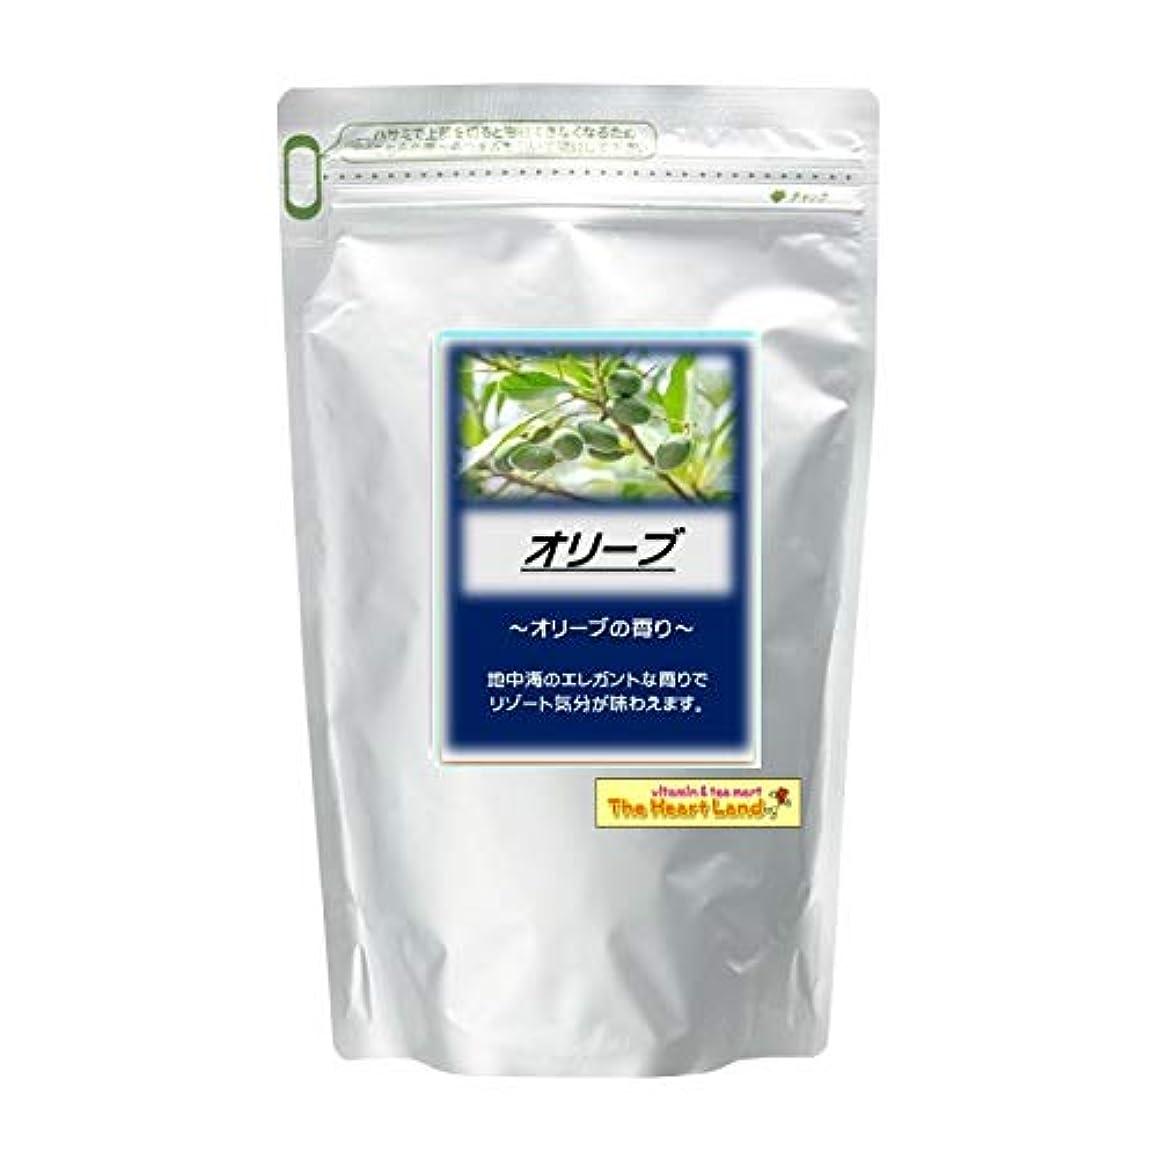 ループブロンズ規制アサヒ入浴剤 浴用入浴化粧品 オリーブ 300g